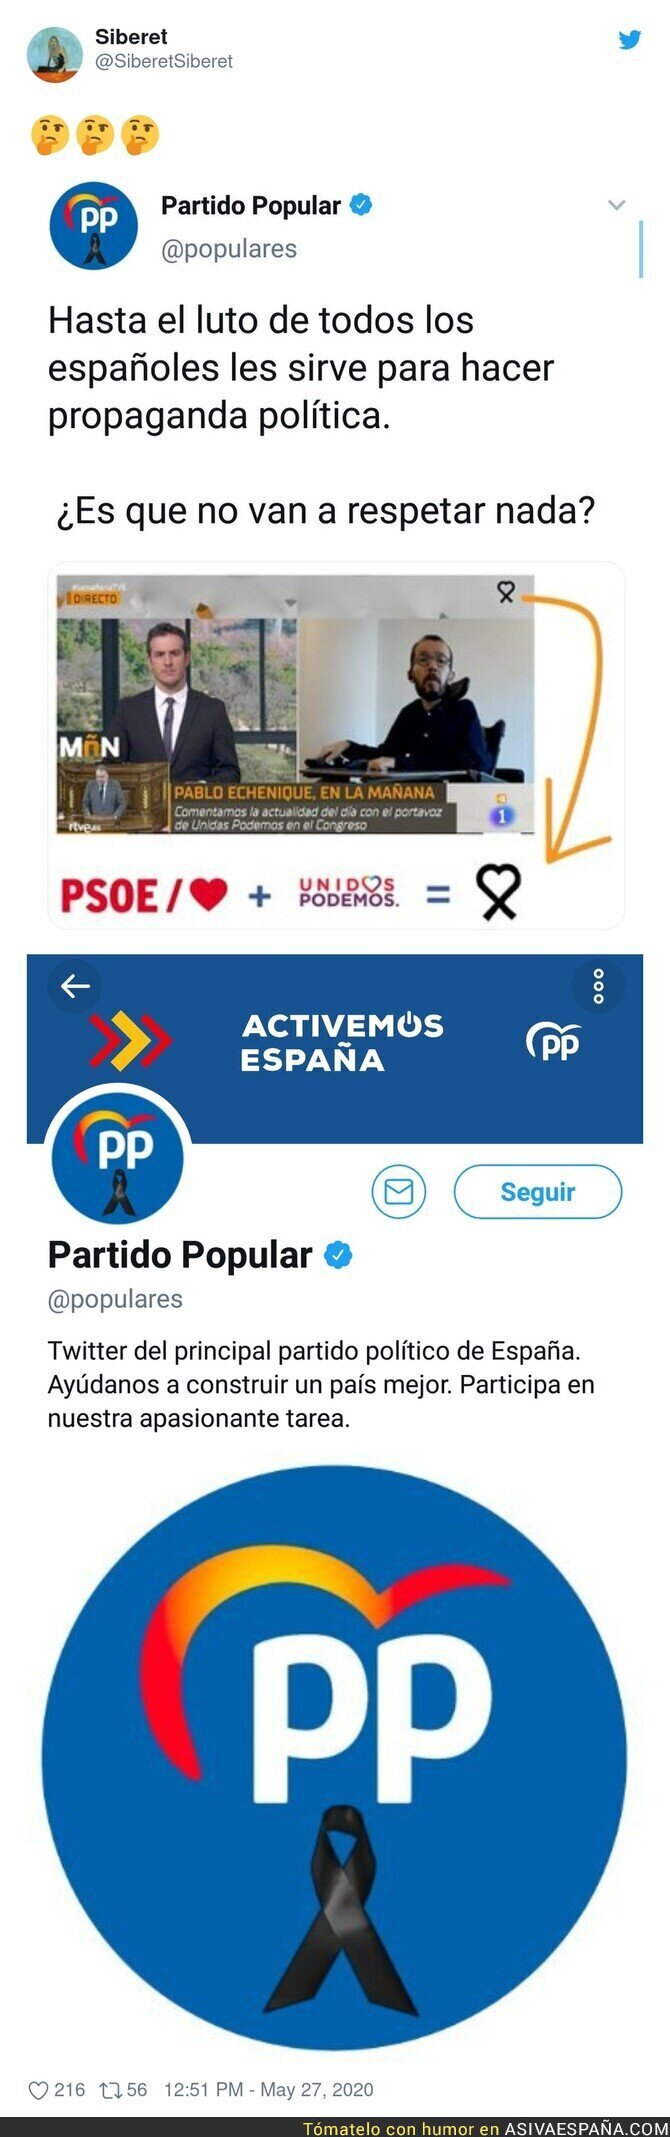 185589 - El Partido Popular hace un ridículo monumental al decir que TVE usa el corazón de PSOE y Podemos por este detalle